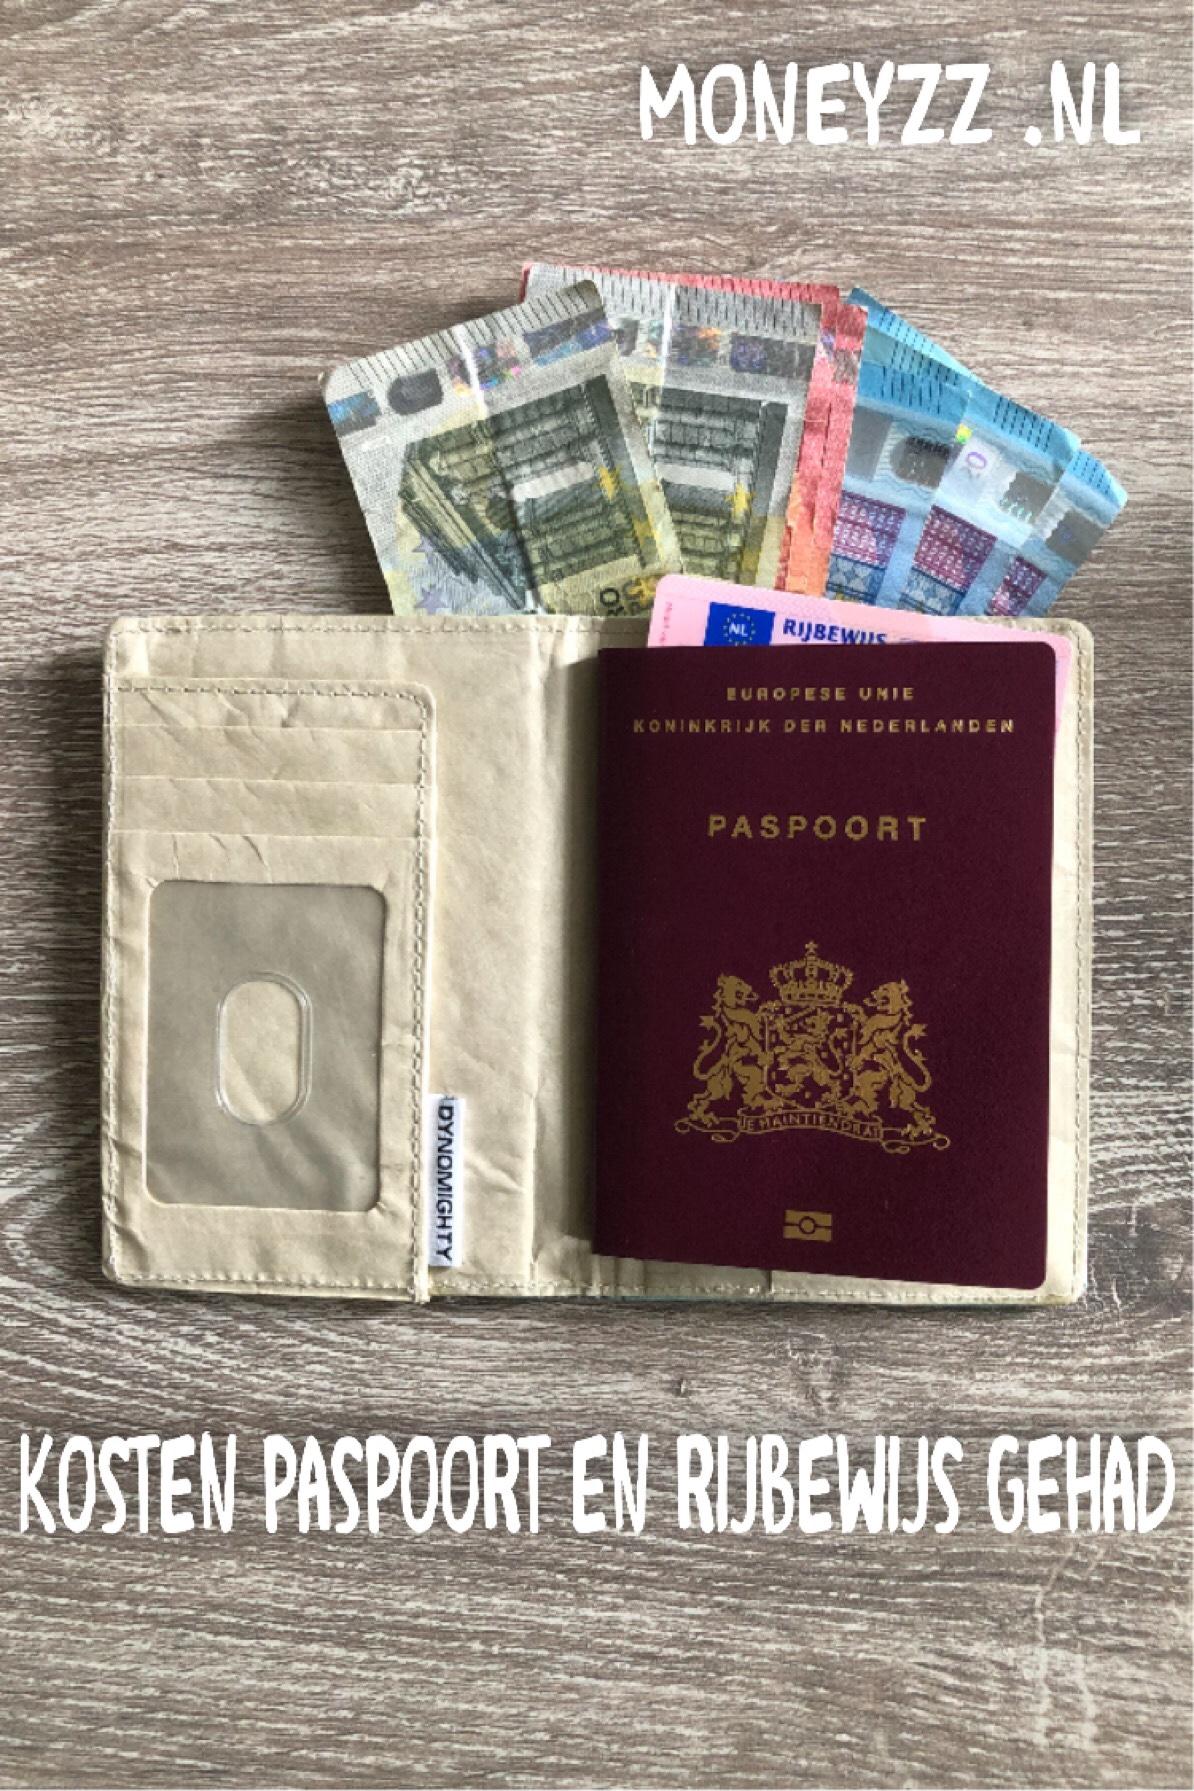 Kosten paspoort en rijbewijs gehad